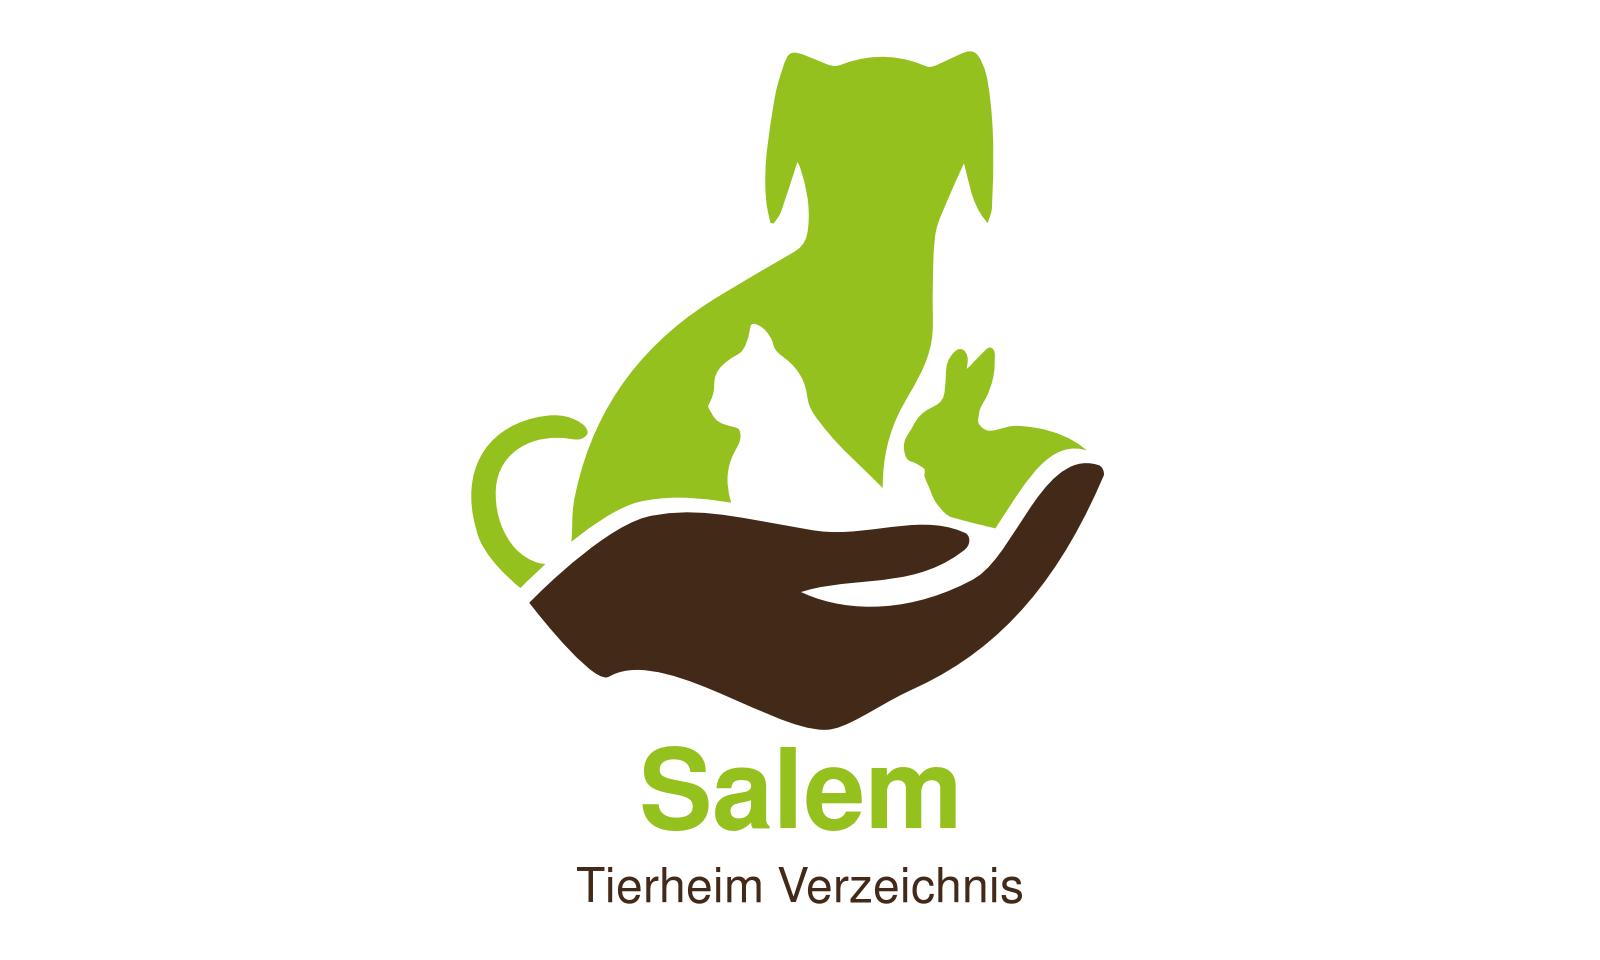 Tierheim Salem